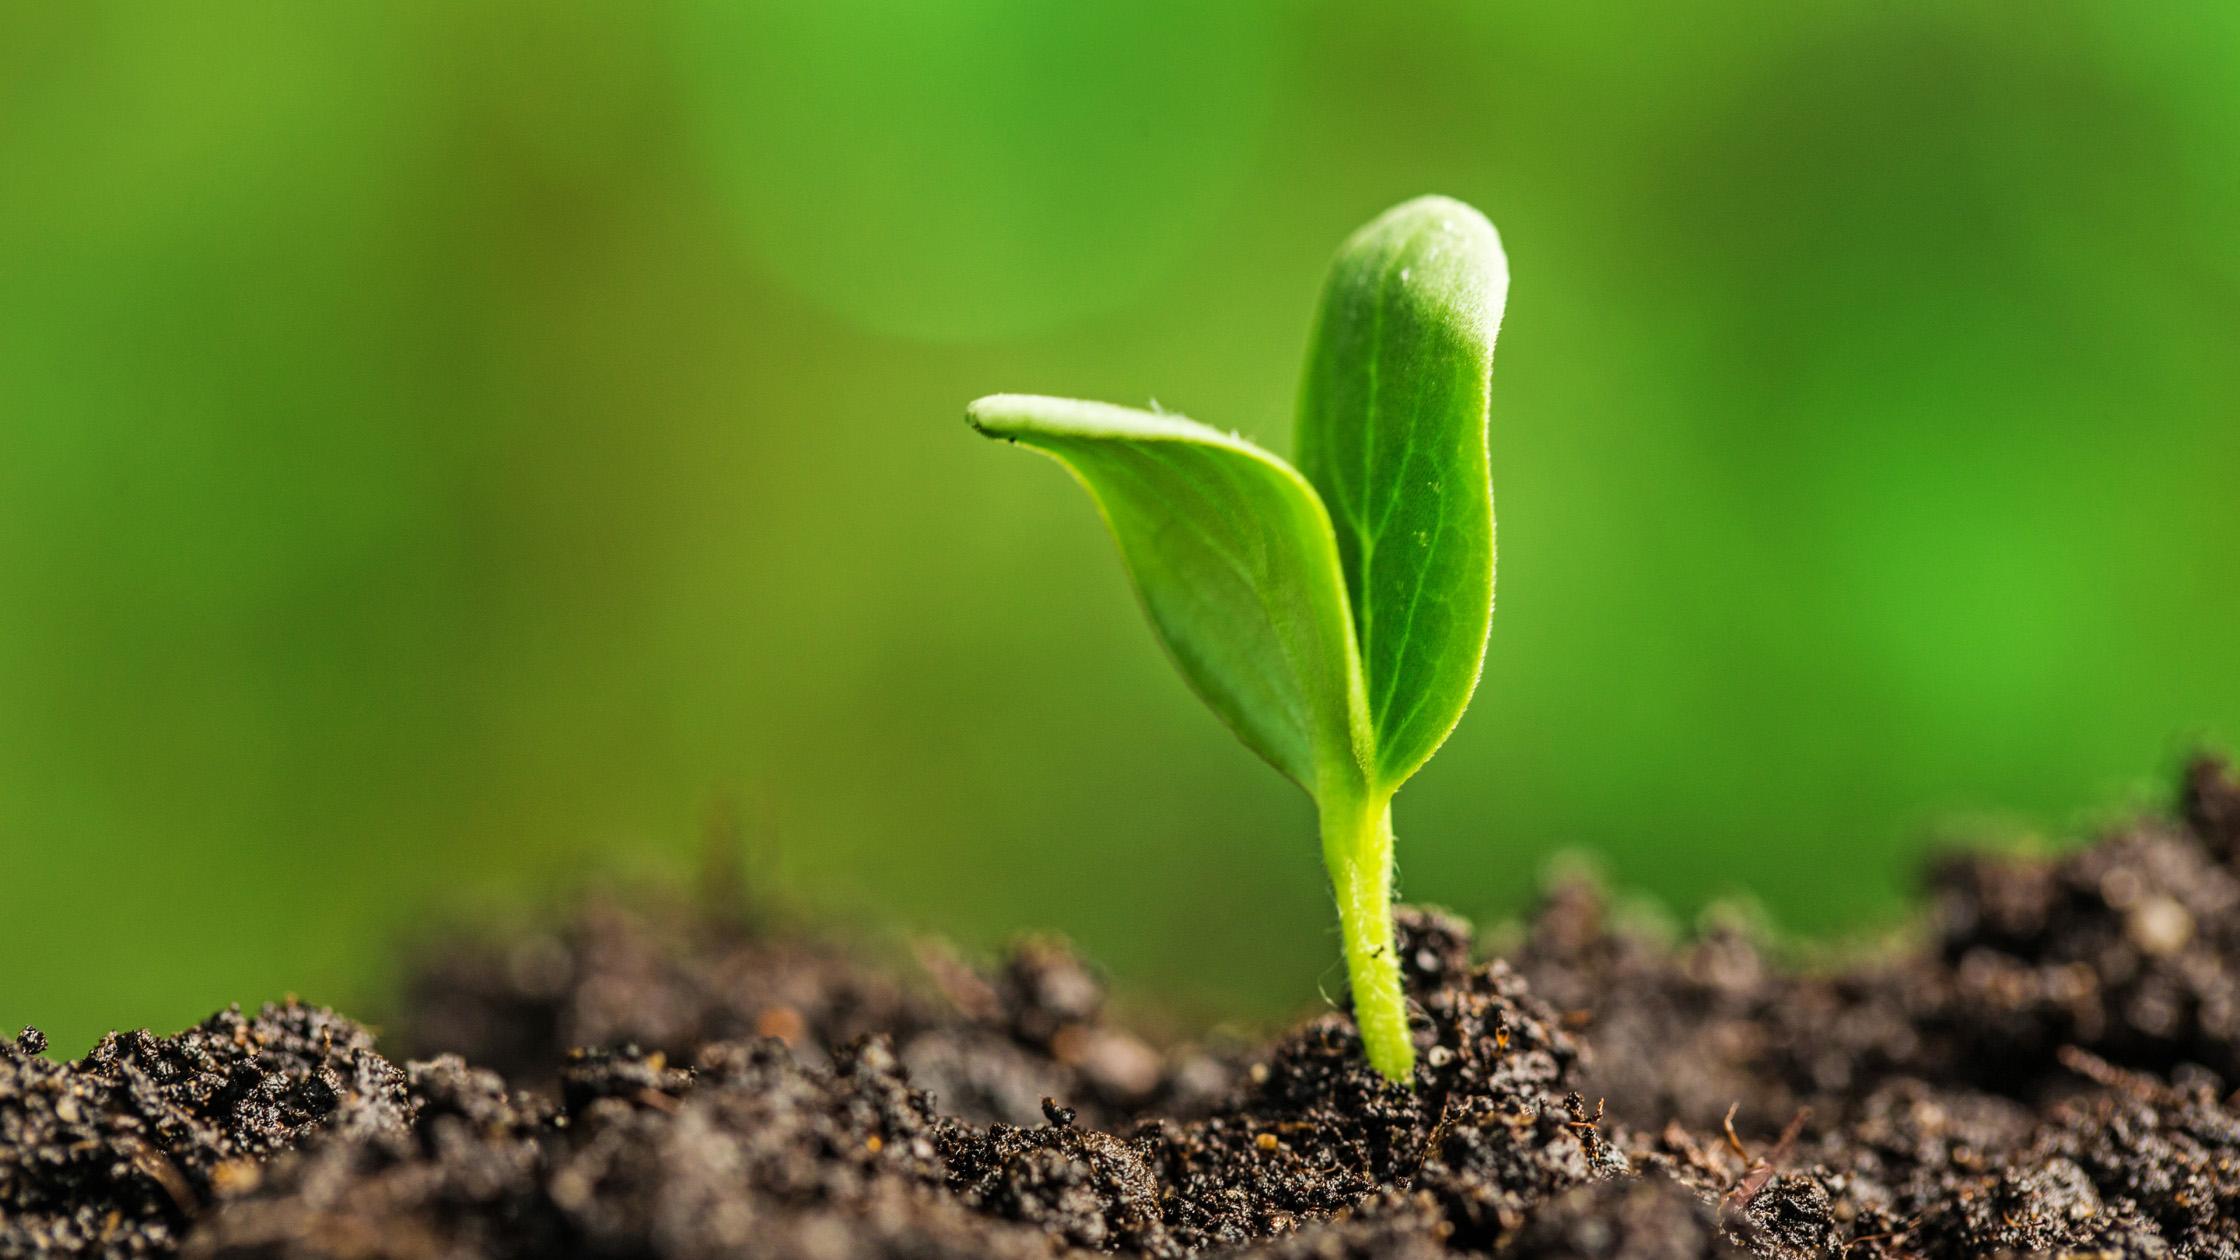 Växtskott i jord